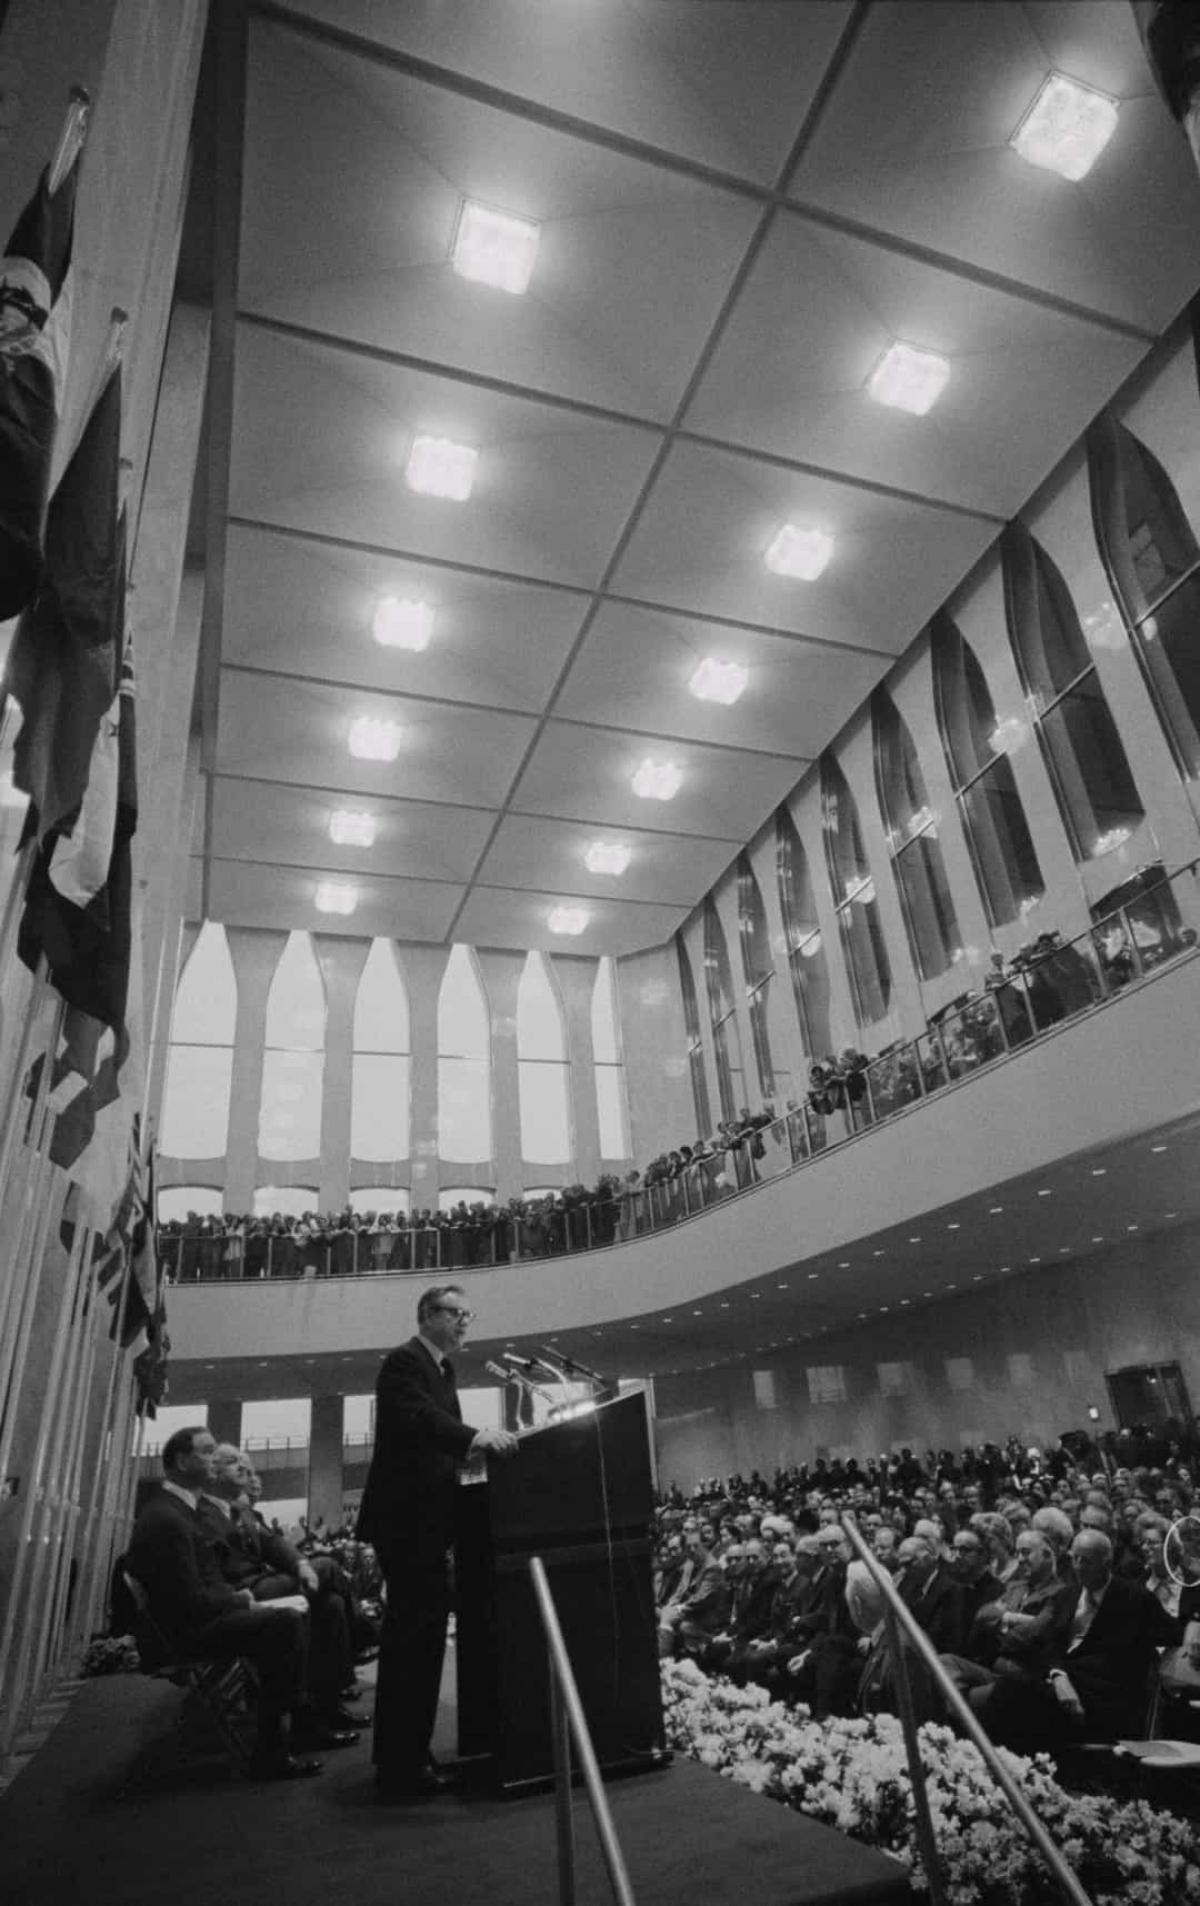 """Trung tâm Thương mại Thế giới chính thức khánh thành vào ngày 4/4/1973. """"Giấc mơ của chúng ta thường ít khi trở thành hiện thực. Nhưng hôm nay giấc mơ của chúng ta đã thành hiện thực"""", Thống đốc New York Nelson Rockefeller, anh trai của David Rockefeller, nói trong lễ khánh thành."""